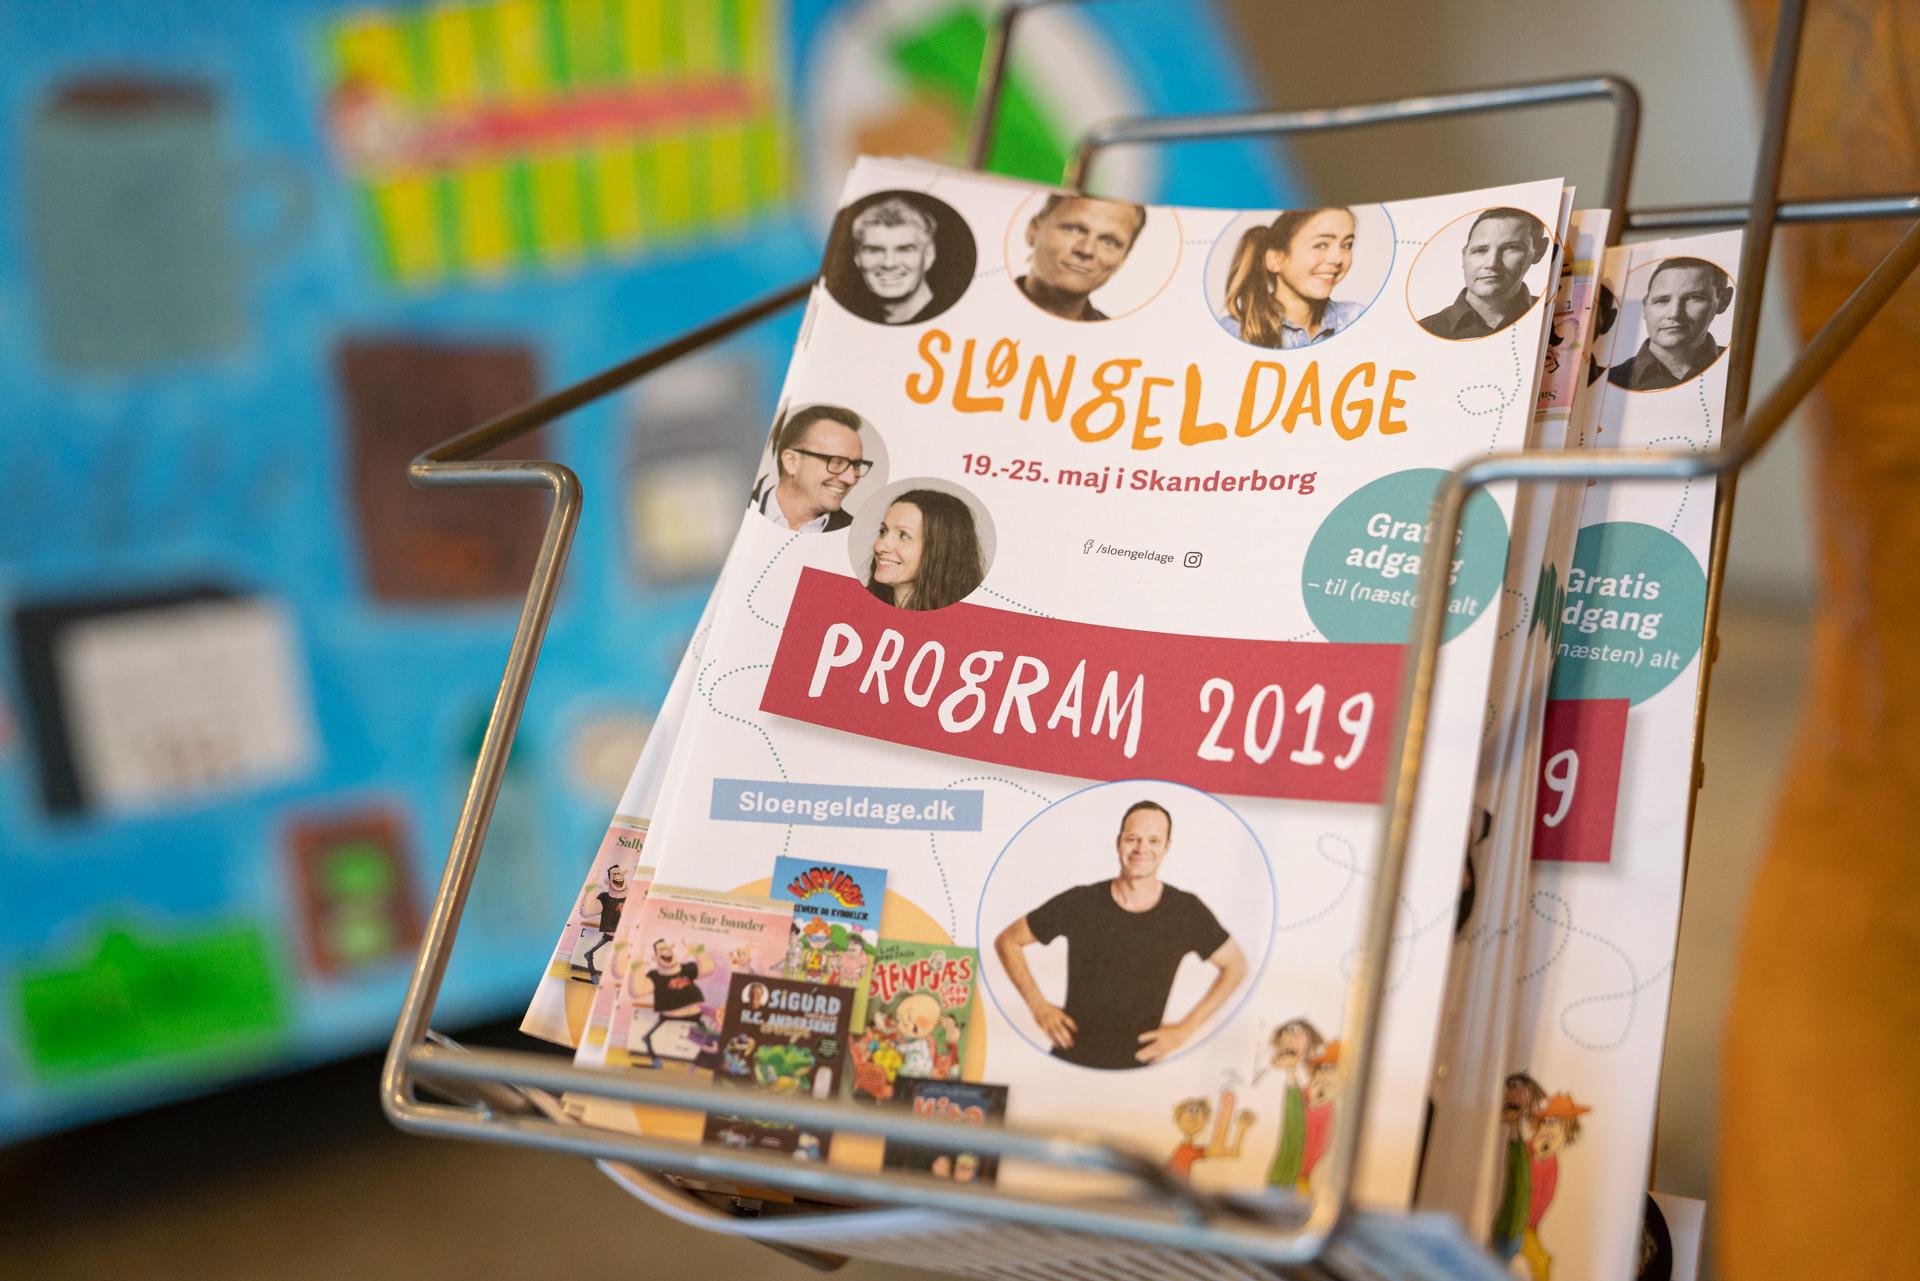 Sløngeldage Fredag - web - Fotograf Per Bille -20190524-07692.jpg